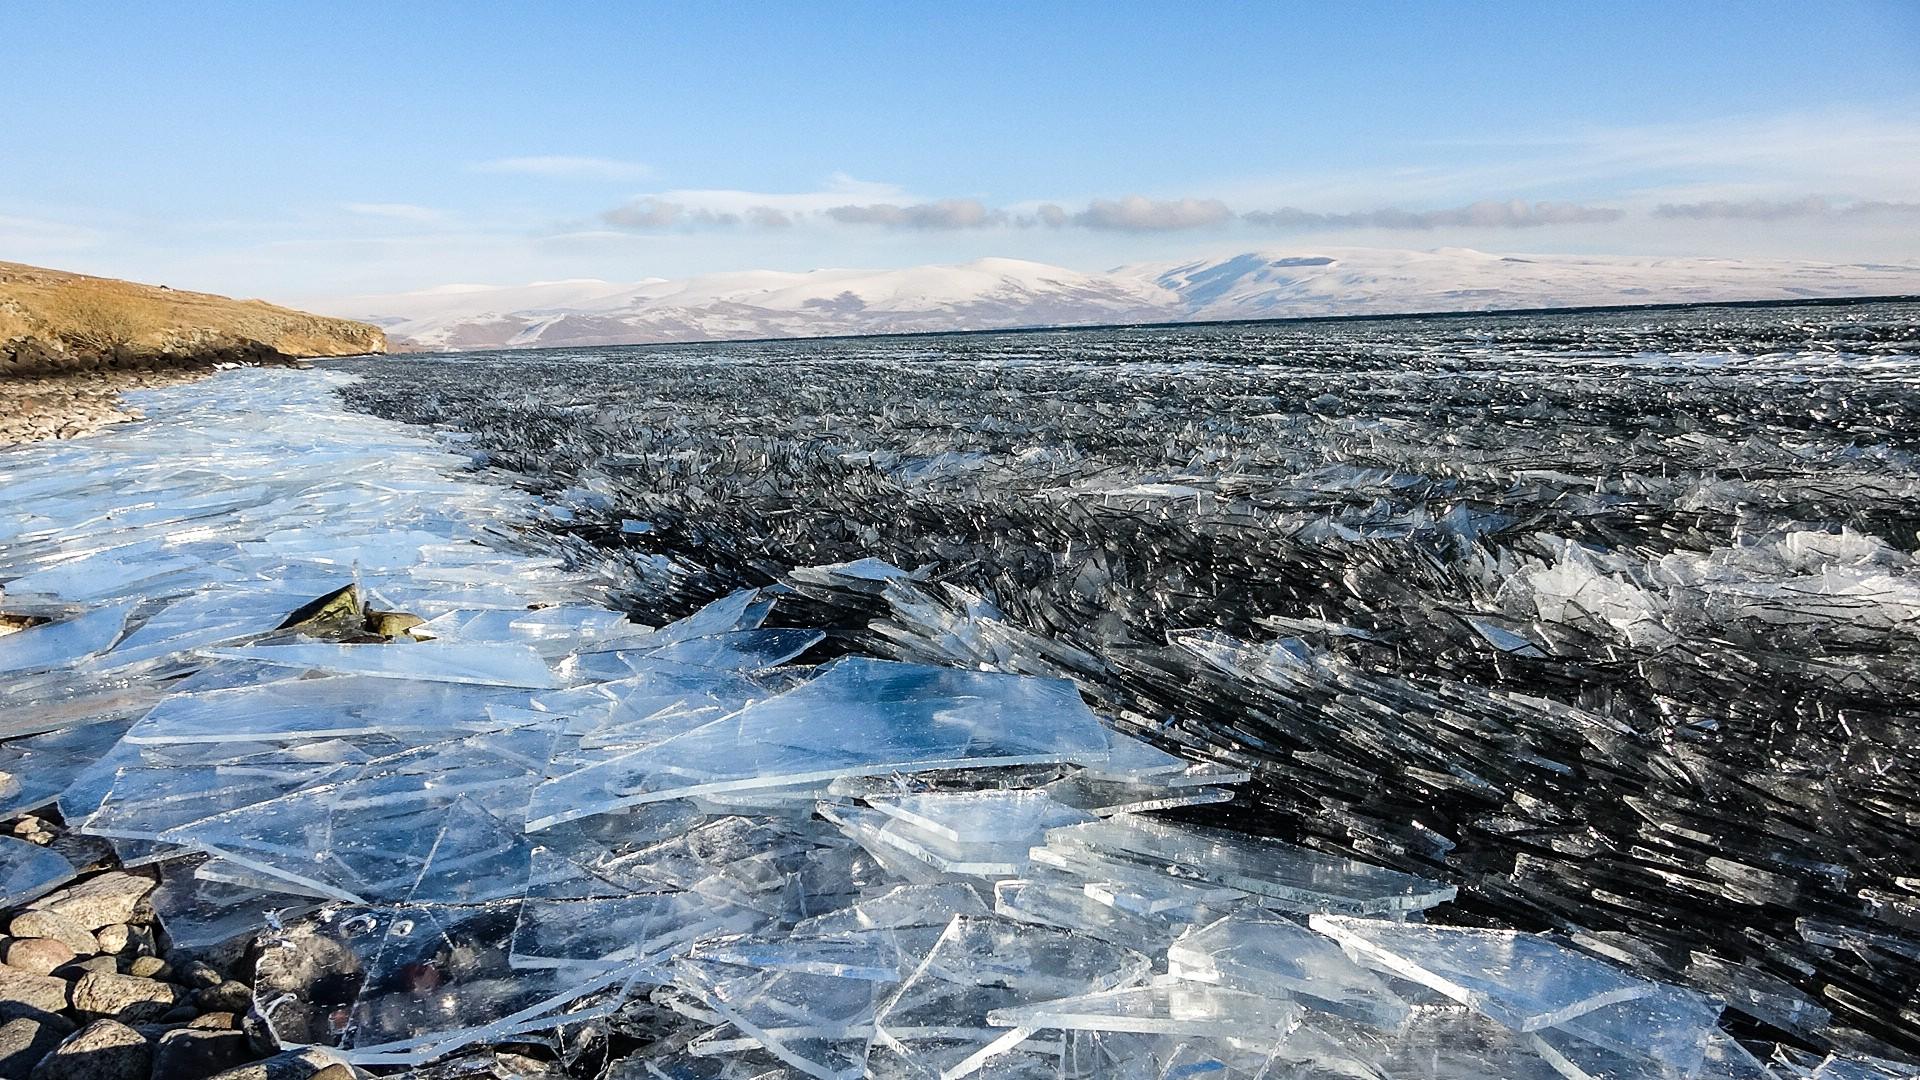 Antartika değil Çıldır Gölü